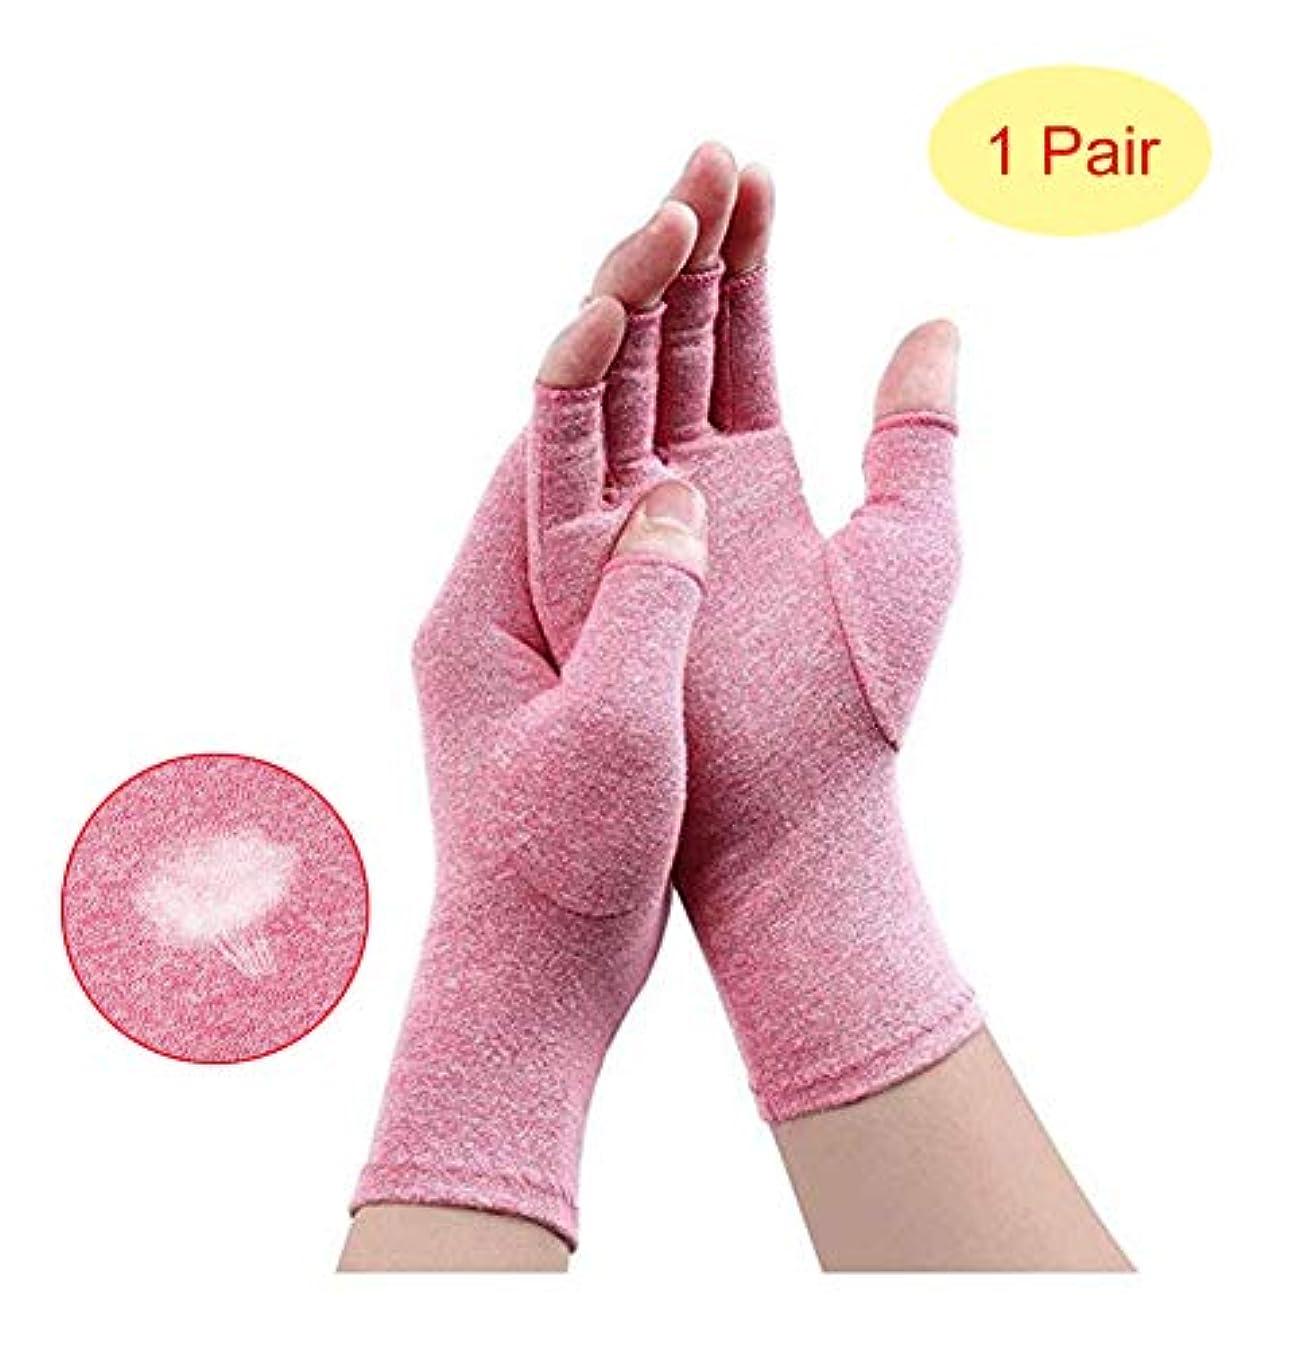 火薬火血色の良い関節炎手袋、ピンクの通気性、手と関節用の抗関節炎健康療法用圧縮手袋、痛みの軽減、毎日の仕事,1Pair,M